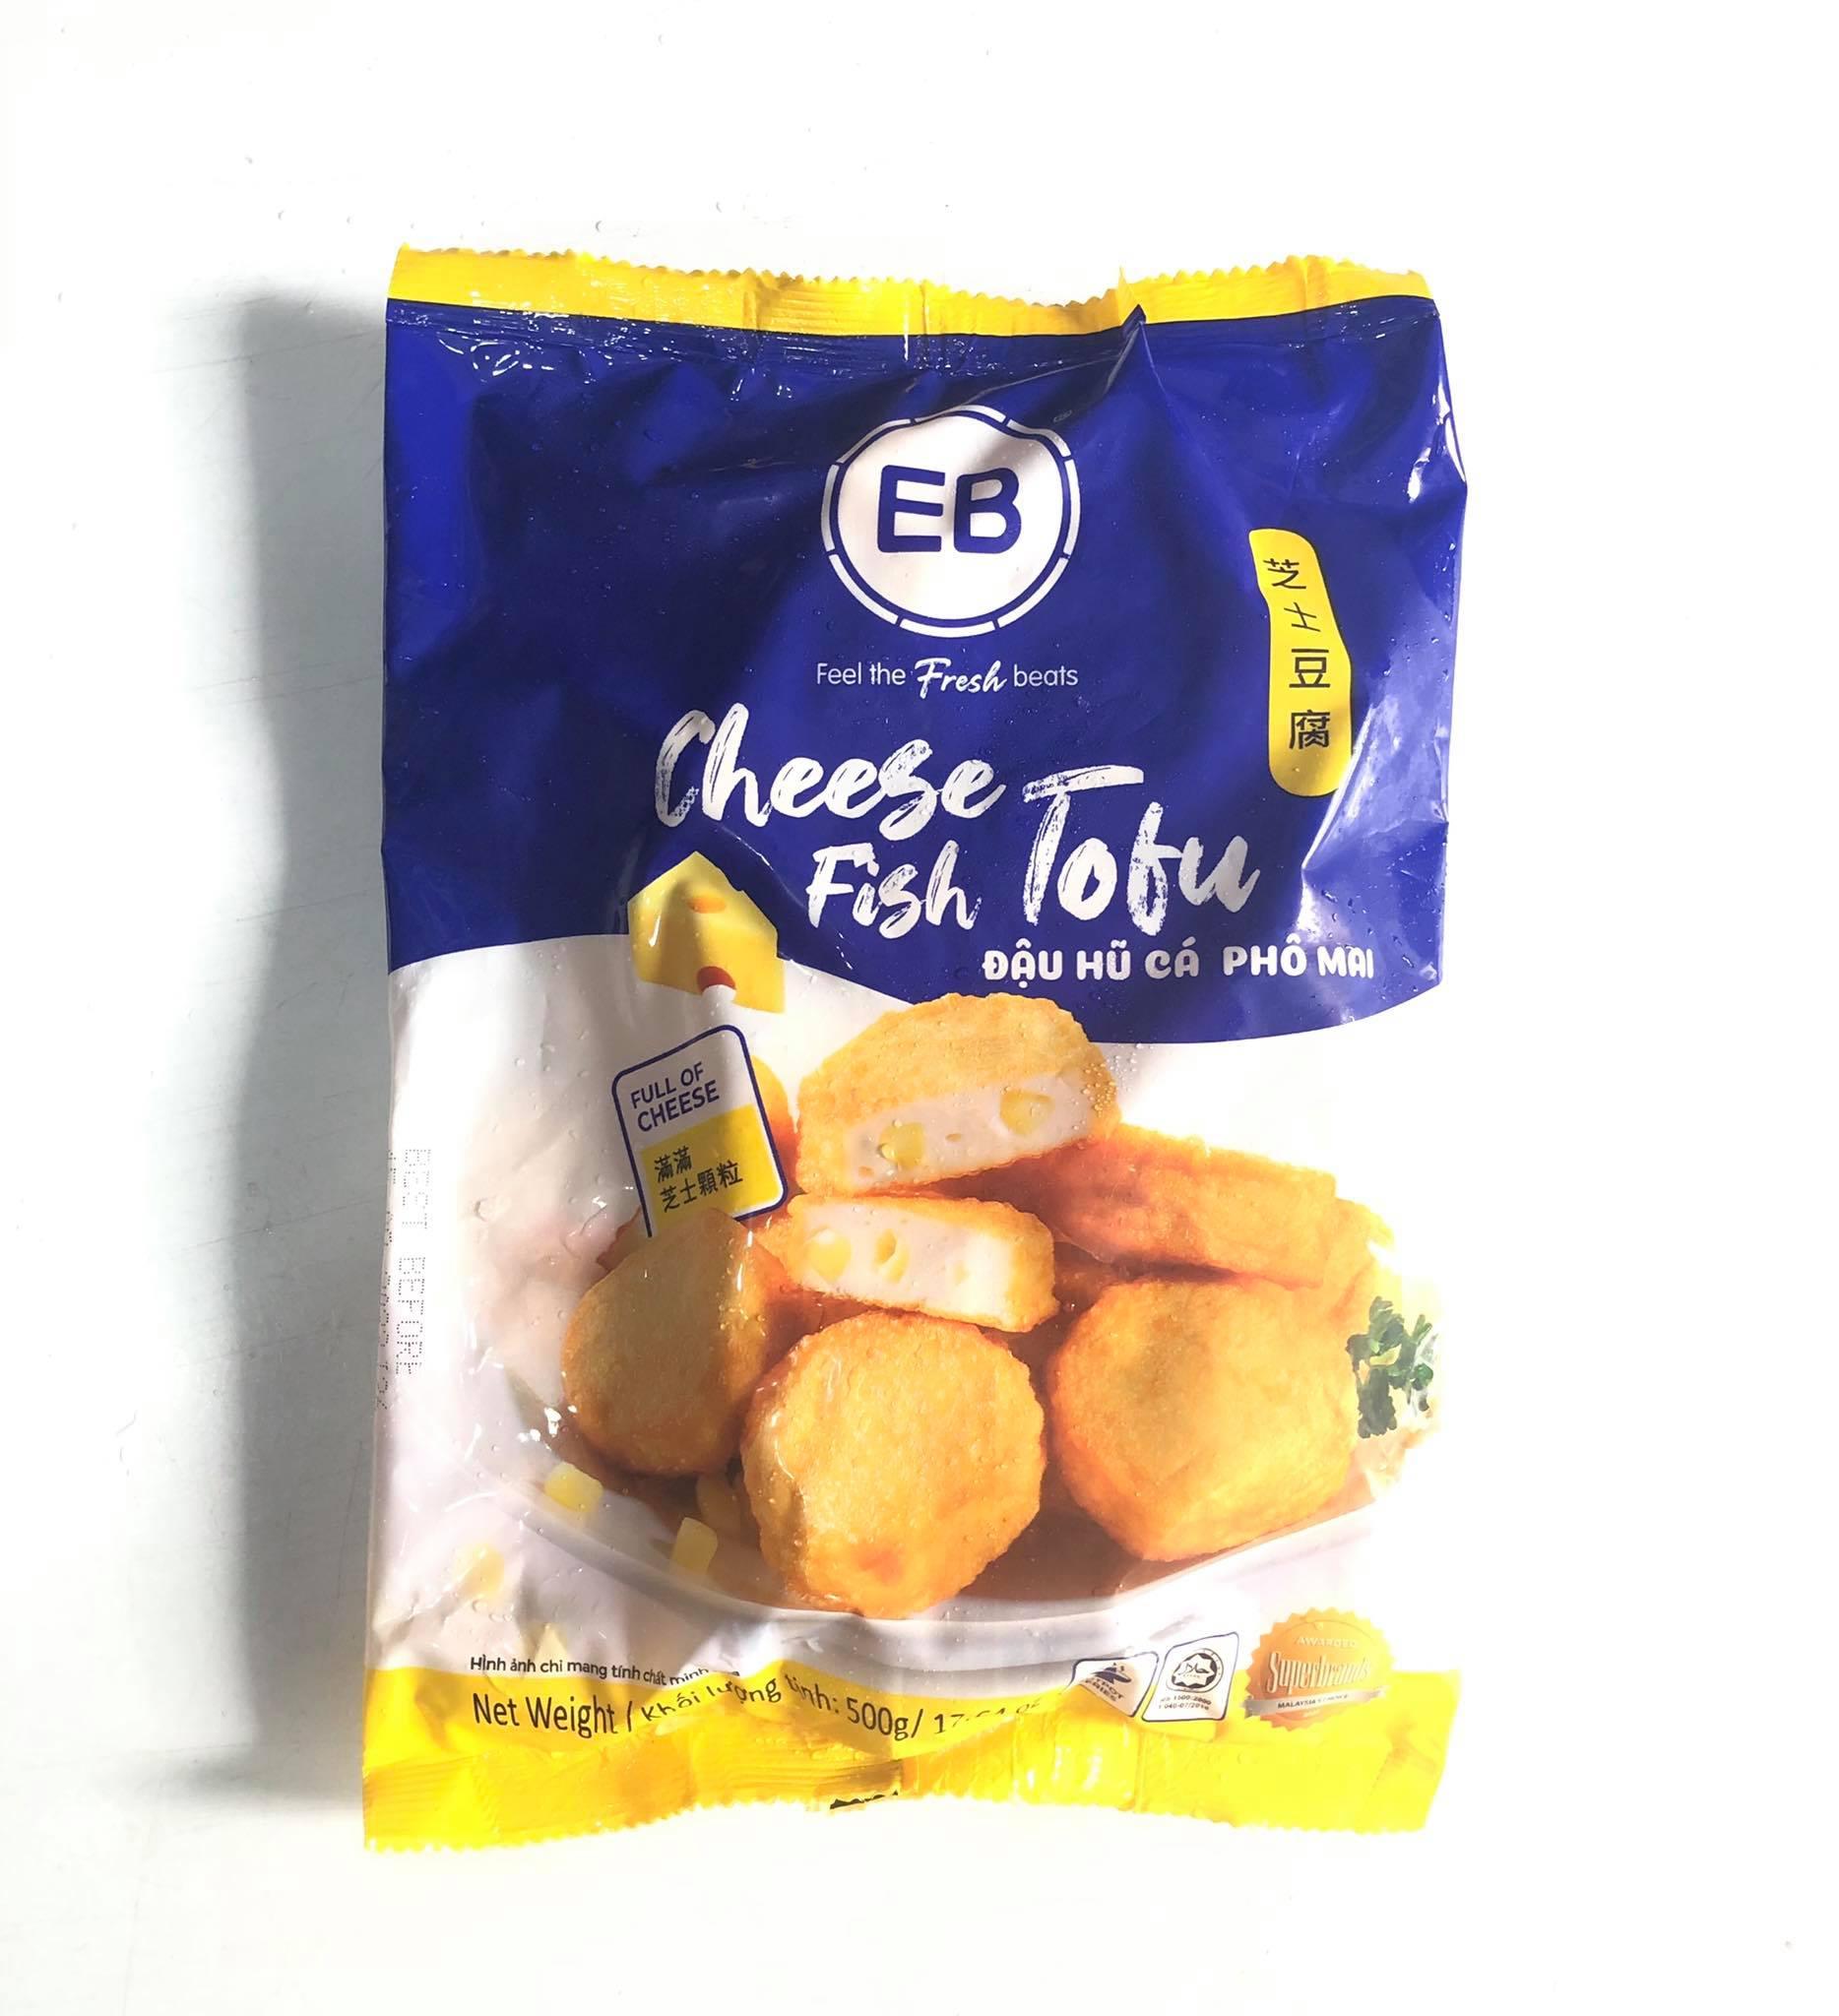 giá sỉ đậu hủ phô mai EB mẫu mới